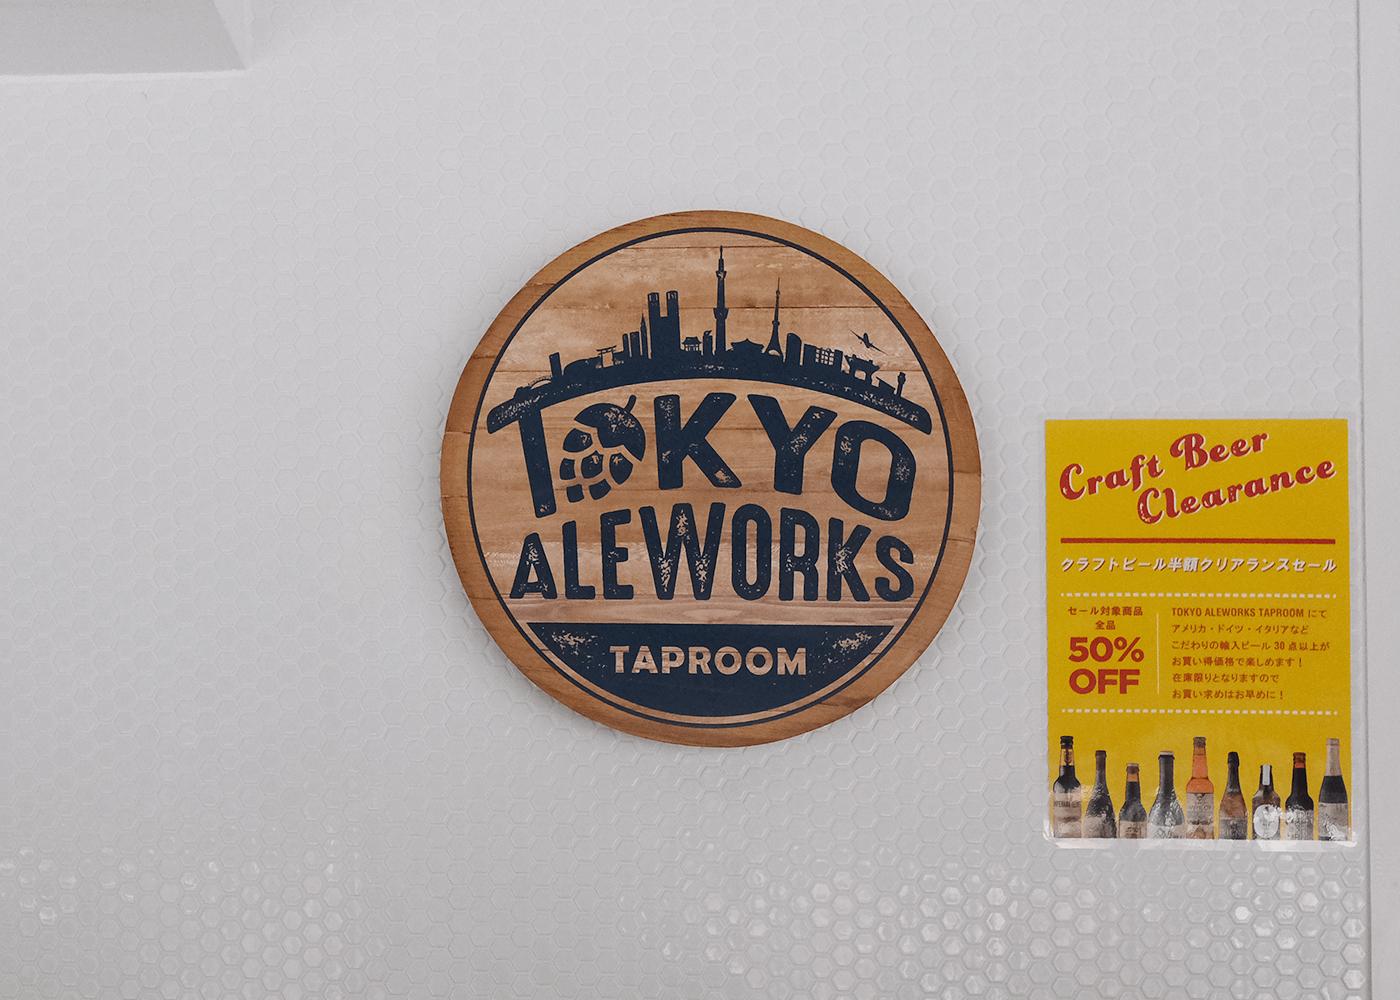 TOKYO ALEWORKS TAPROOM(トーキョーエールワークス タップルーム)